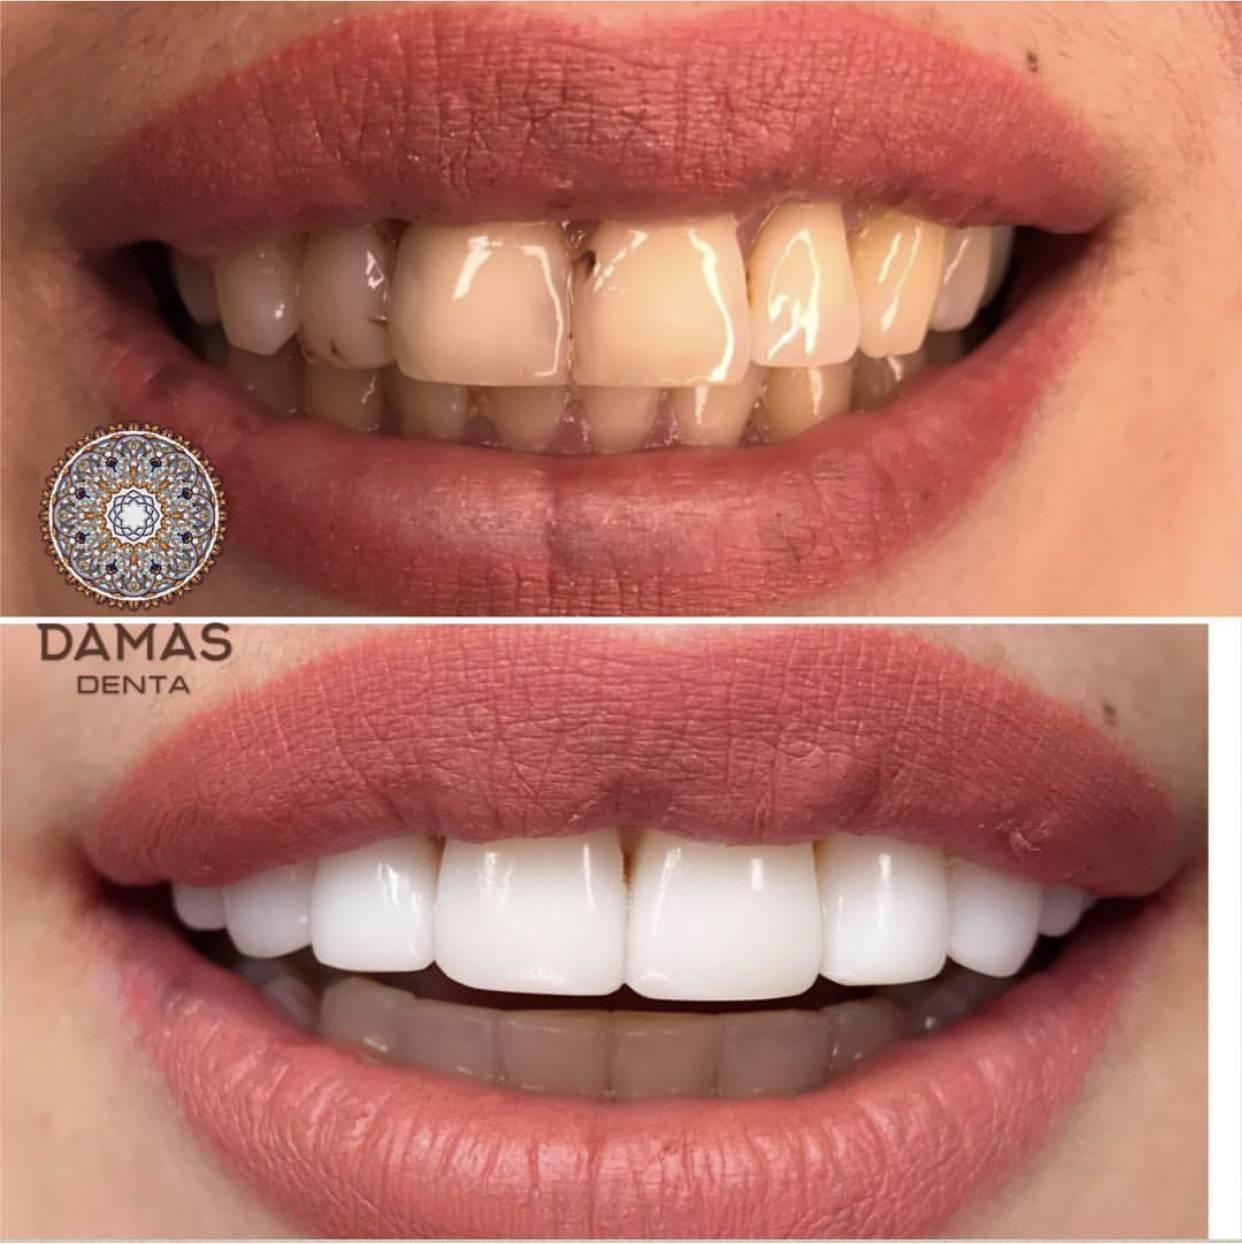 Композитные виниры на зубы: цена, отзывы, фото